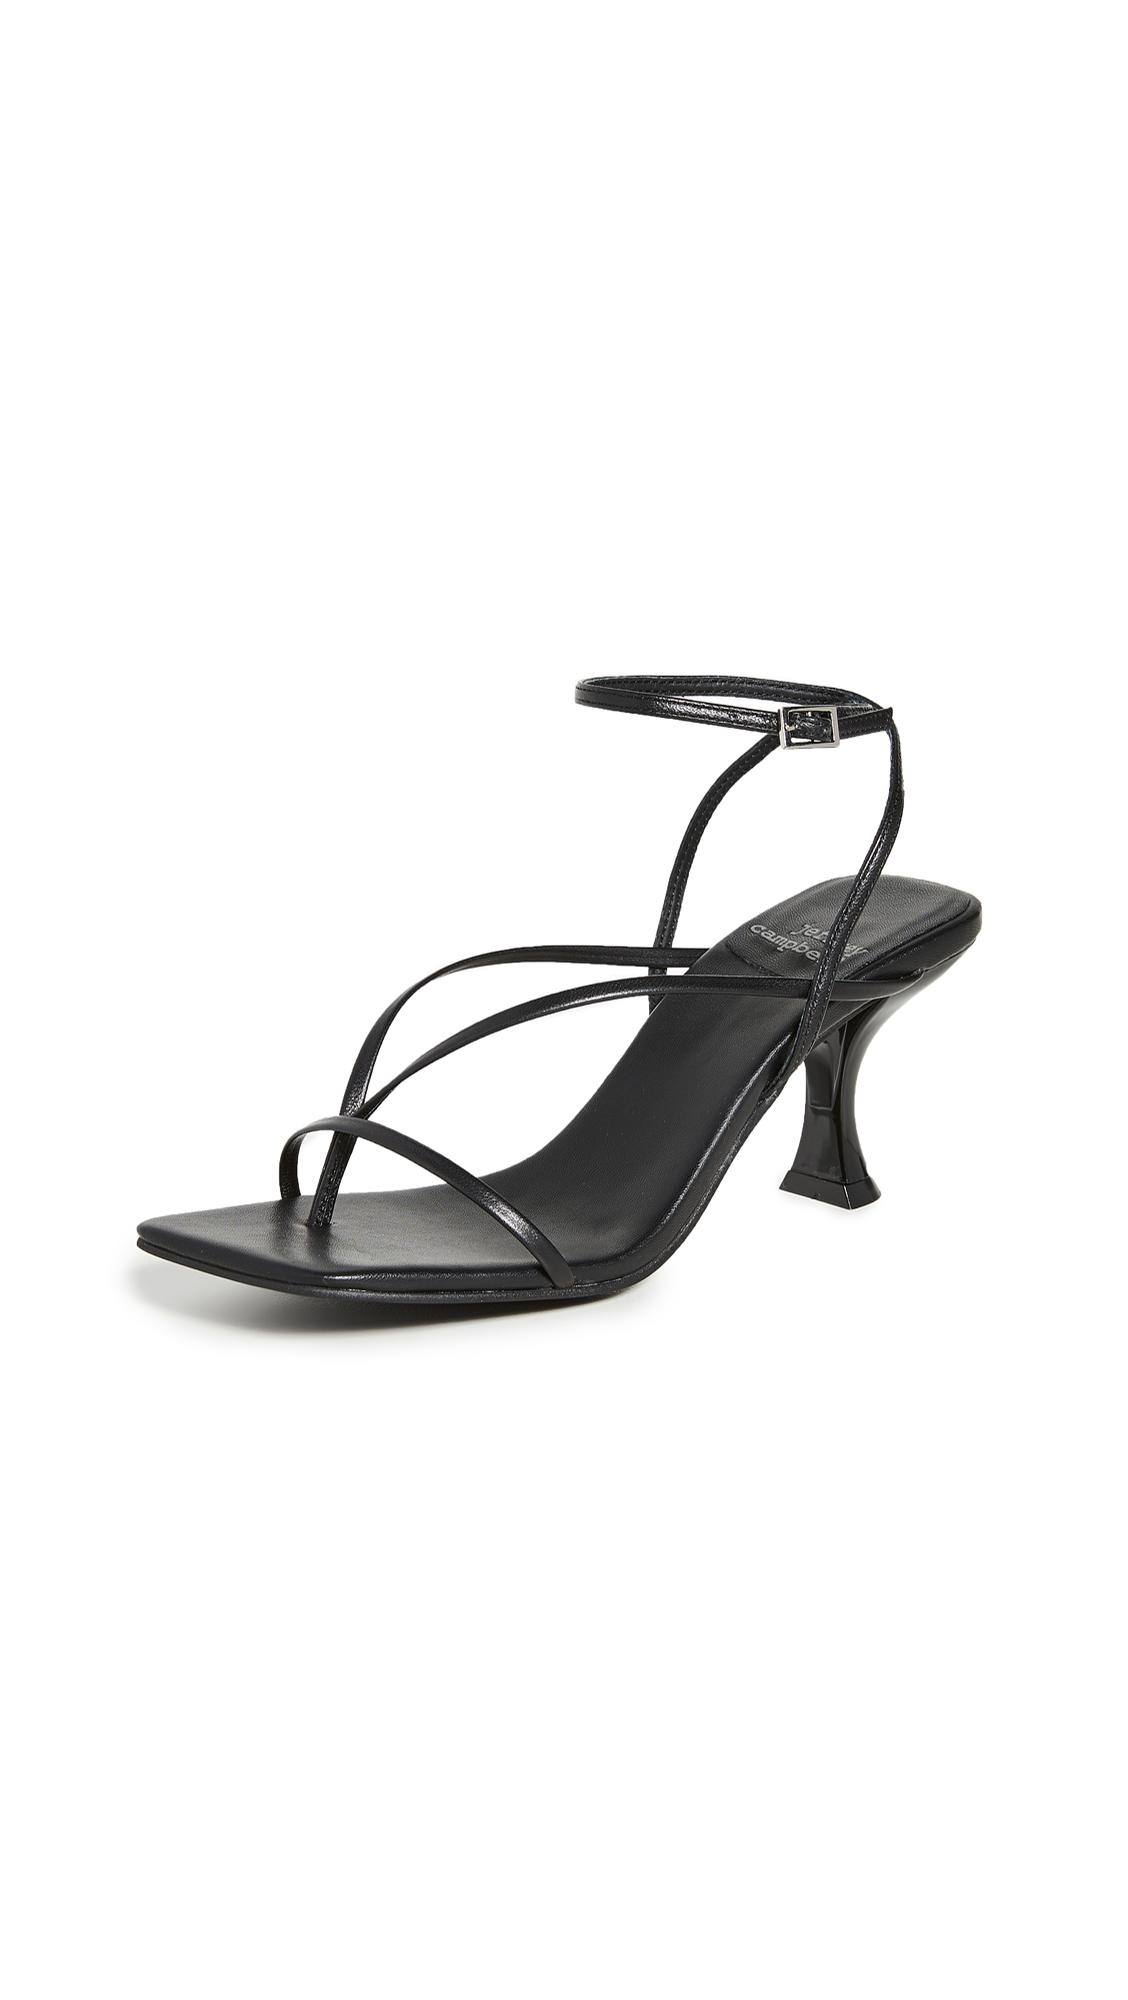 Jeffrey Campbell Fluxx Sandals - 30% Off Sale